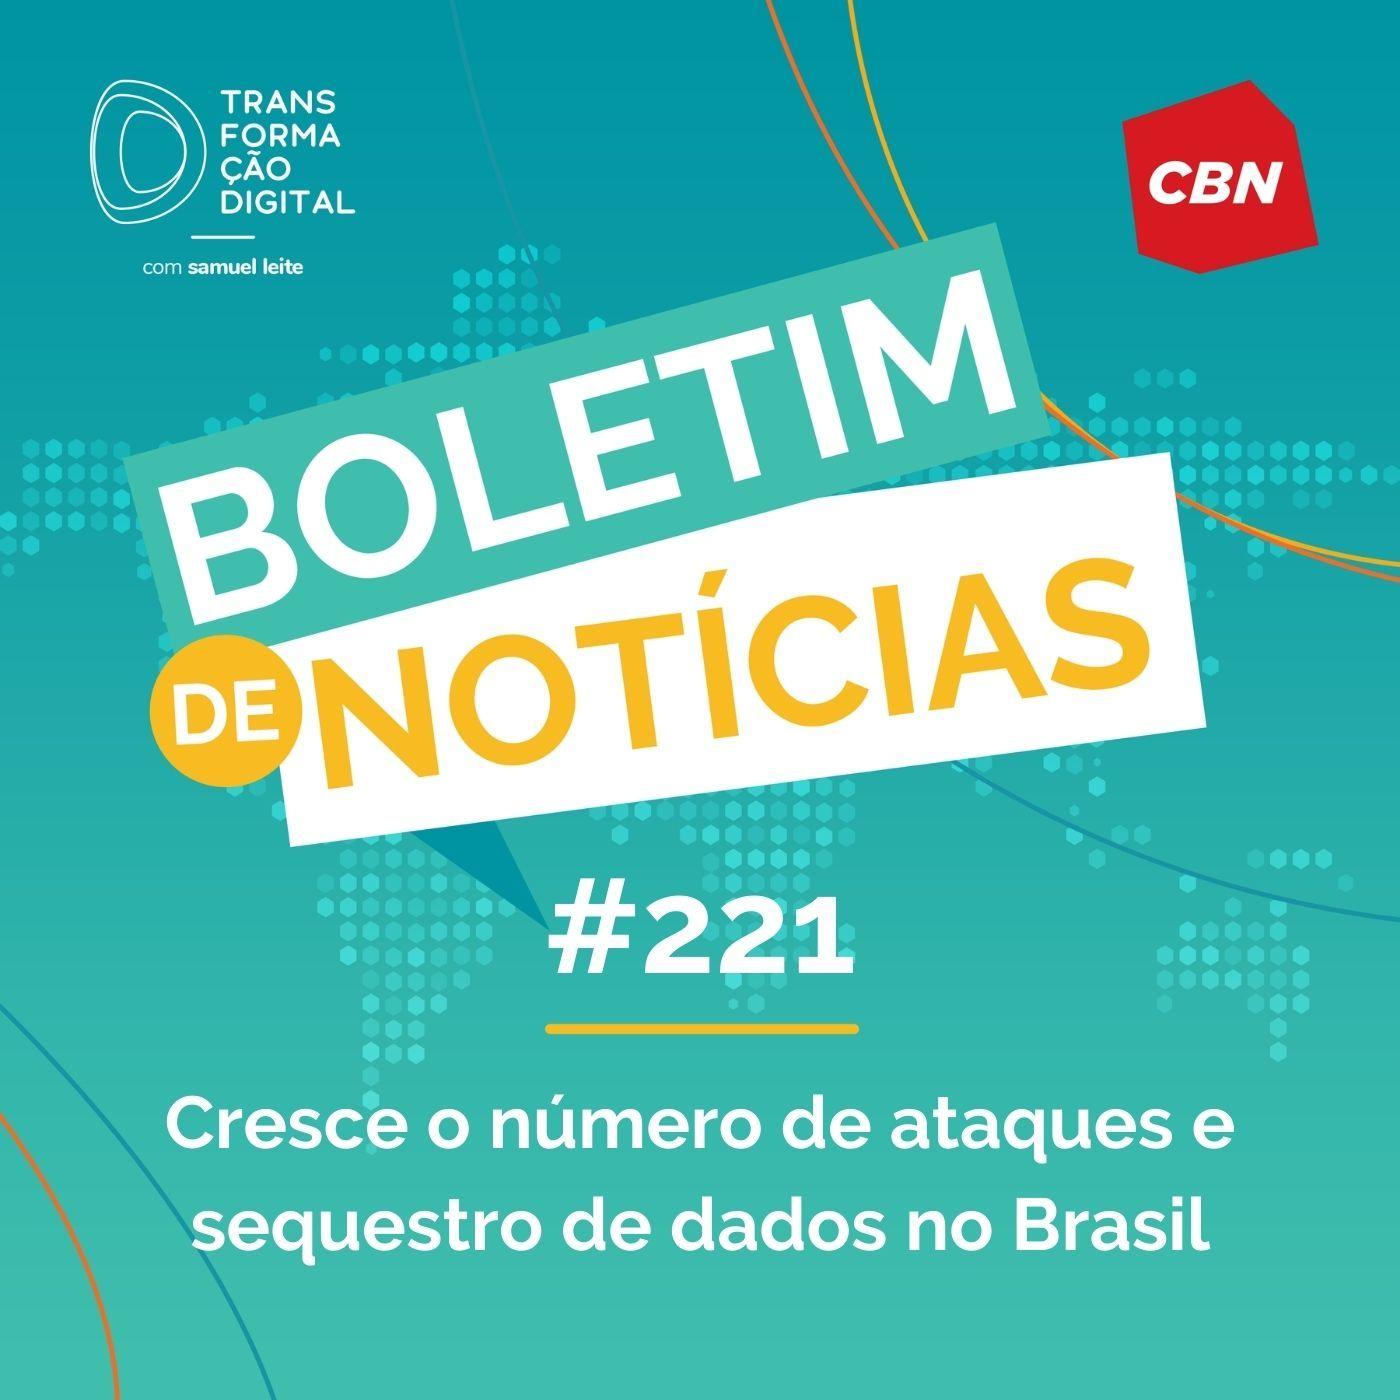 Transformação Digital CBN - Boletim de Notícias #221 - Aumenta o número de ataques cibernéticos